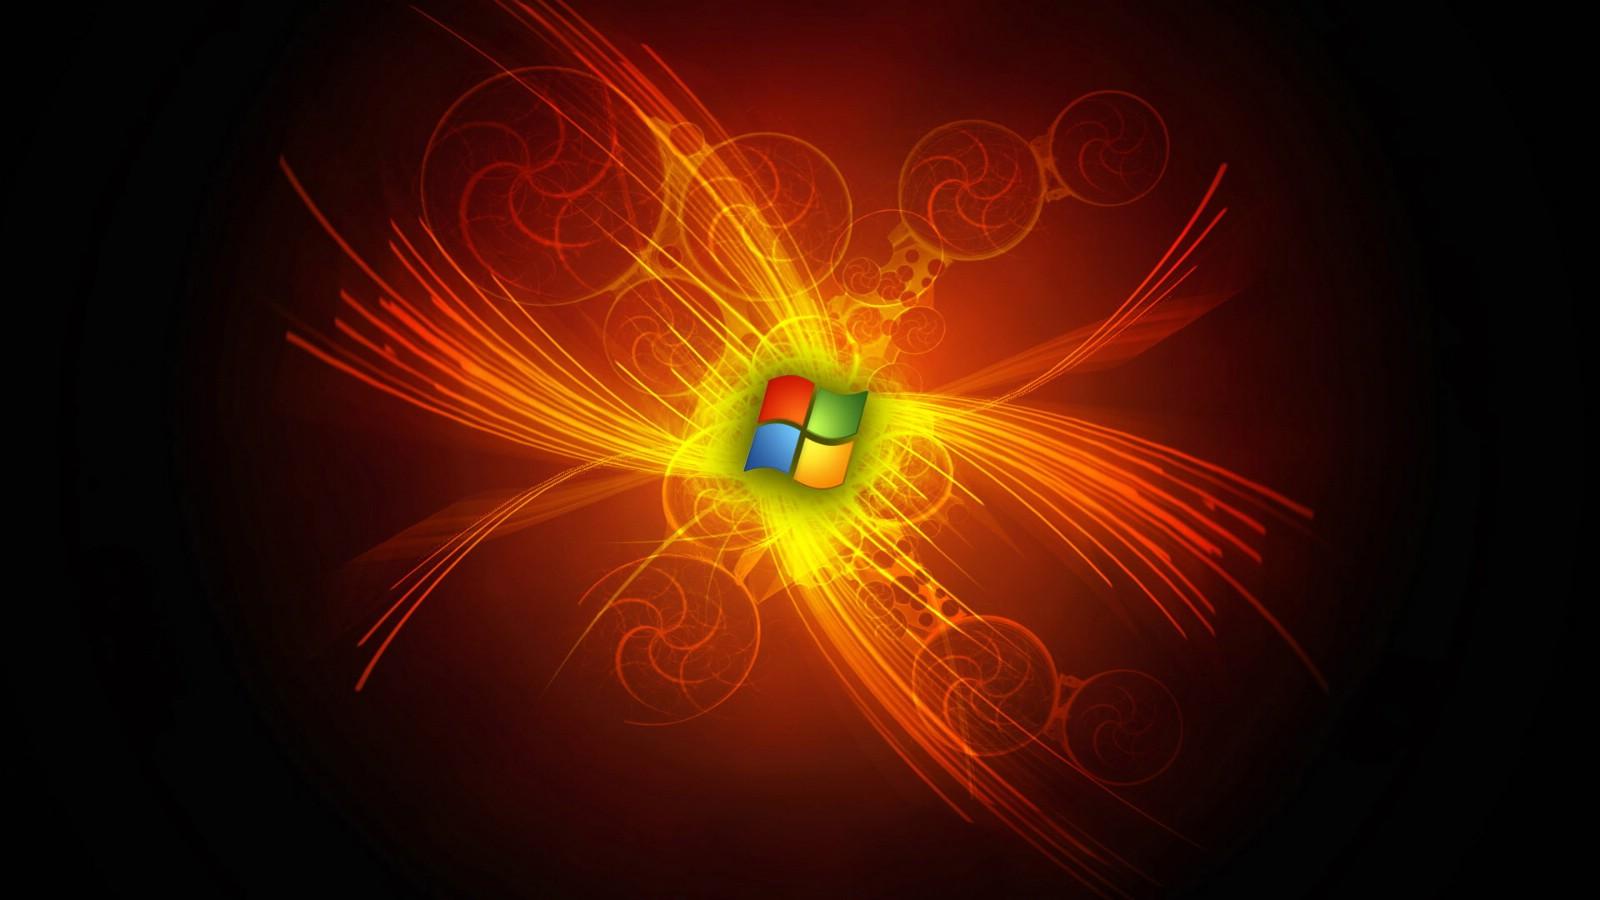 壁纸1600×900Windows 7 正式版 CG壁纸 Windows Seven Abstract Wallpapers壁纸 Windows 7 正式版 抽象CG壁纸壁纸图片插画壁纸插画图片素材桌面壁纸